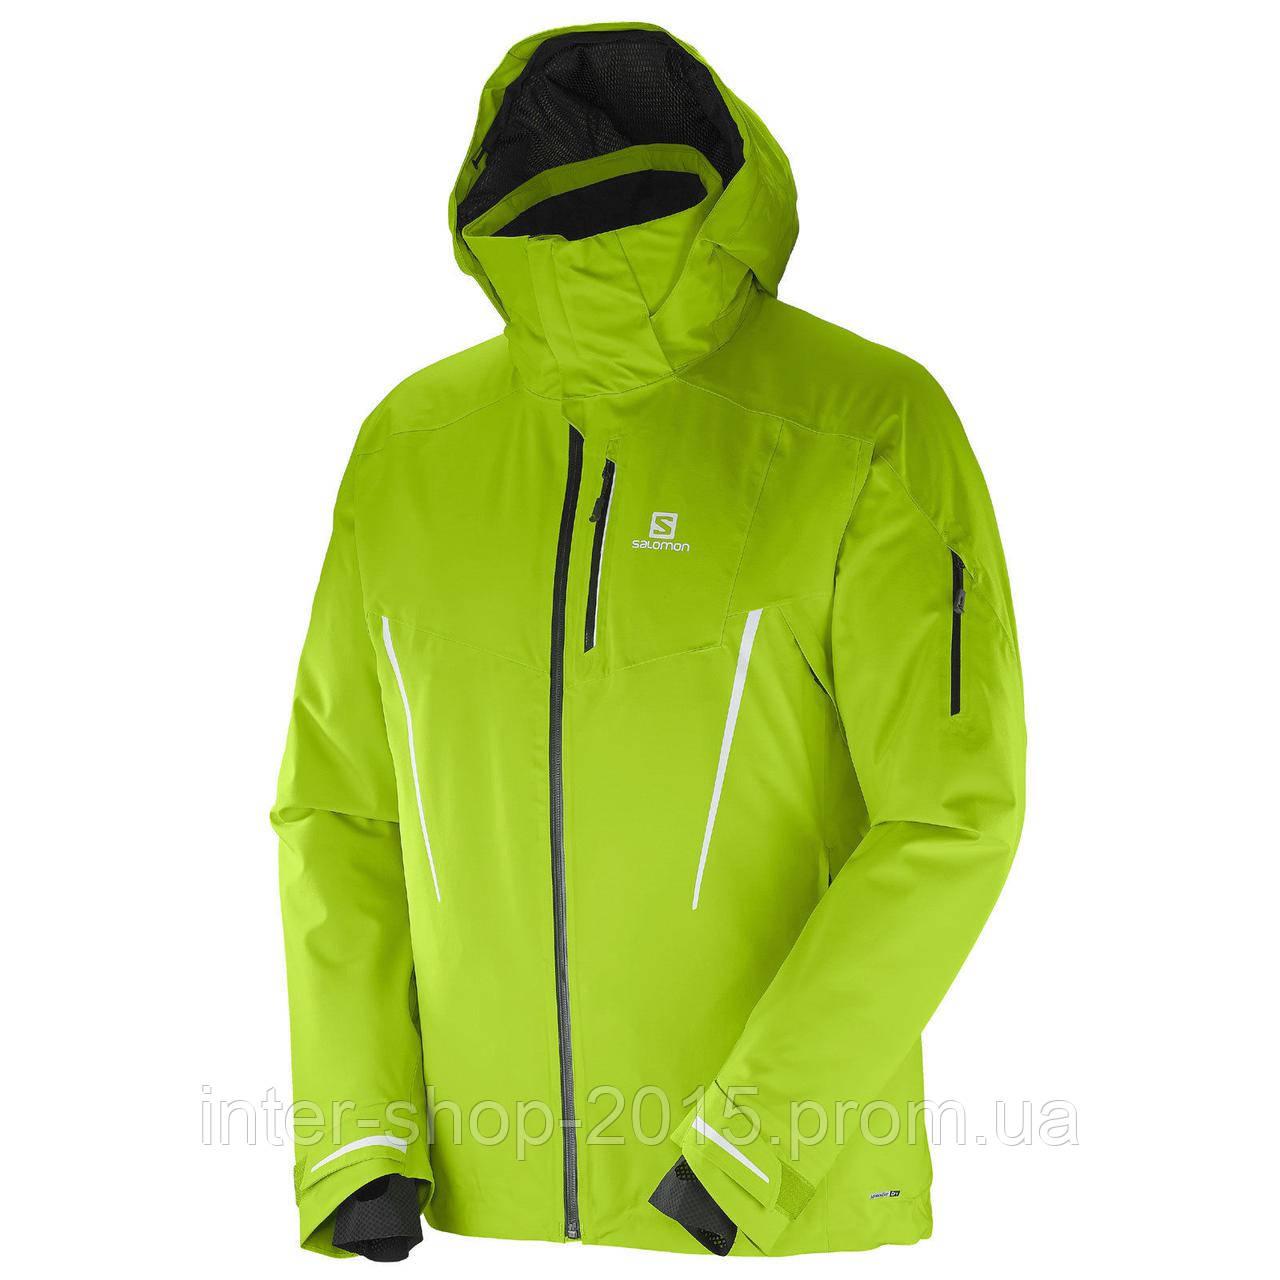 Мужская Горнолыжная Куртка Salomon Speed Jacket Men s Ski 382871 — в  Категории